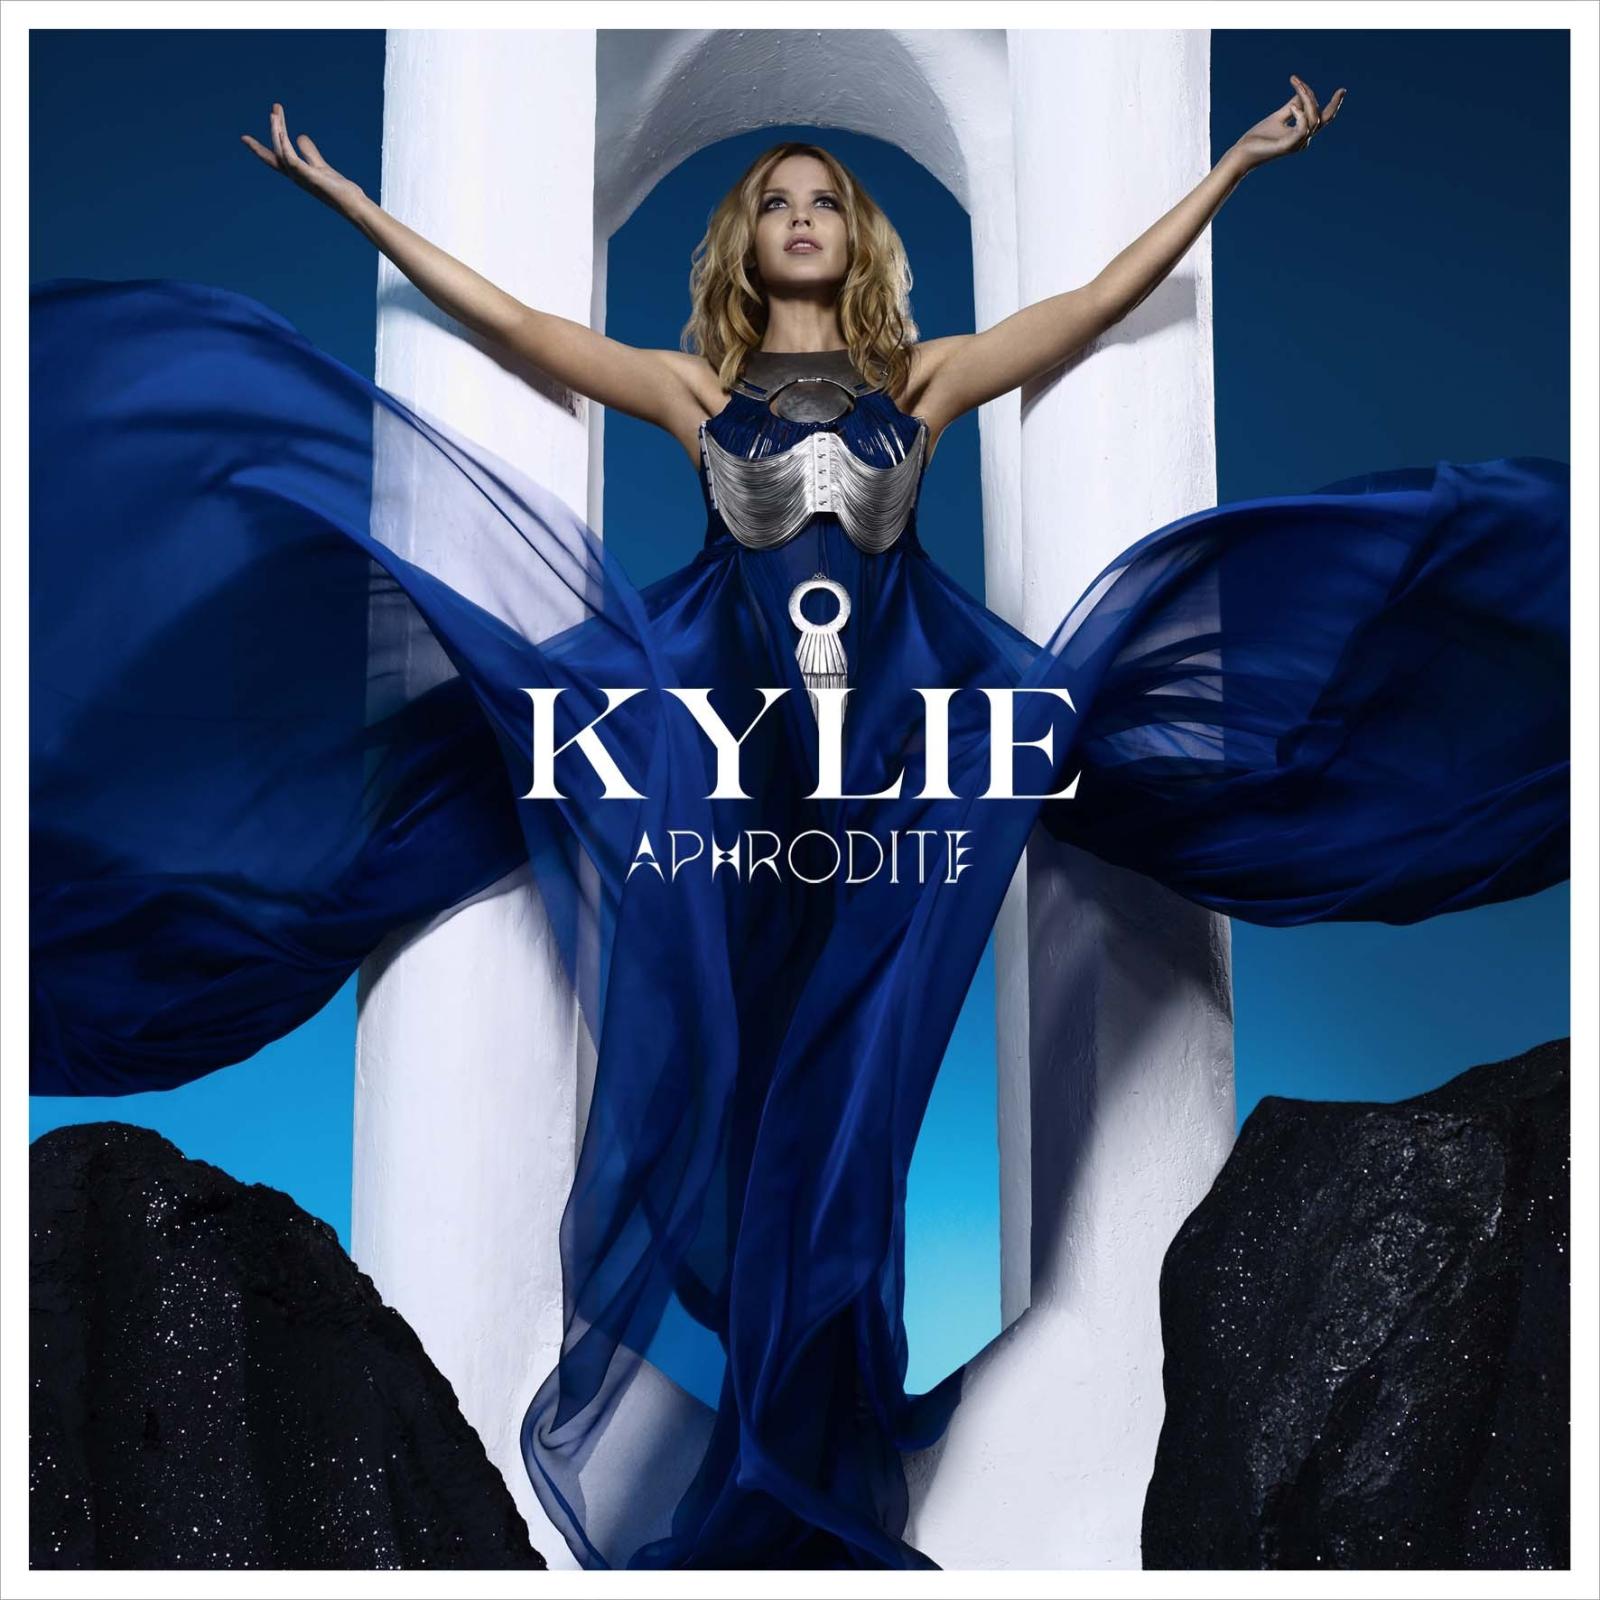 Kylie minogue aphrodite 2017 descargar